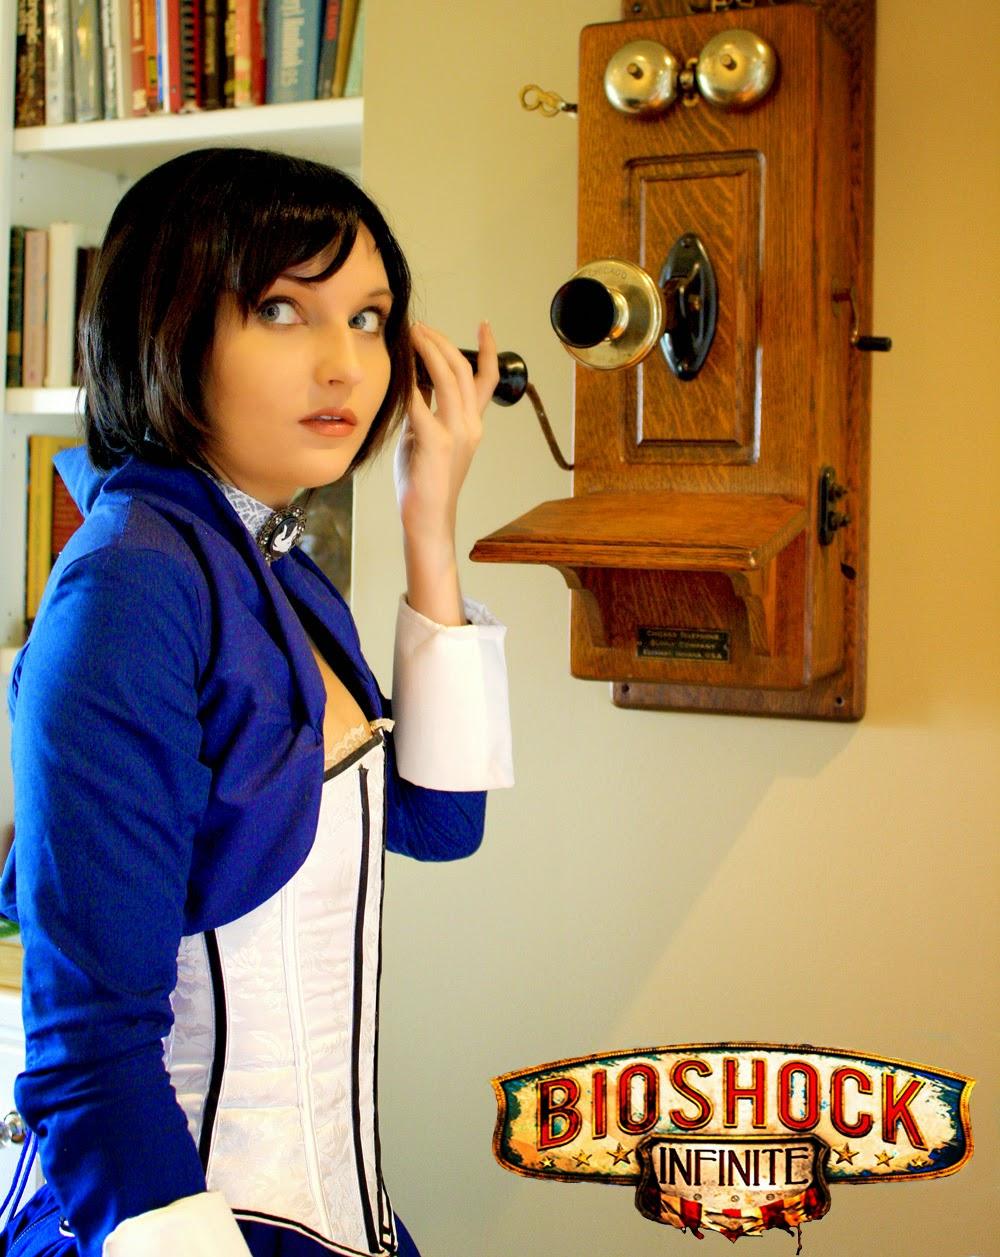 Bộ cosplay Bioshock Infinite ấn tượng của Renee Rouge - Ảnh 4